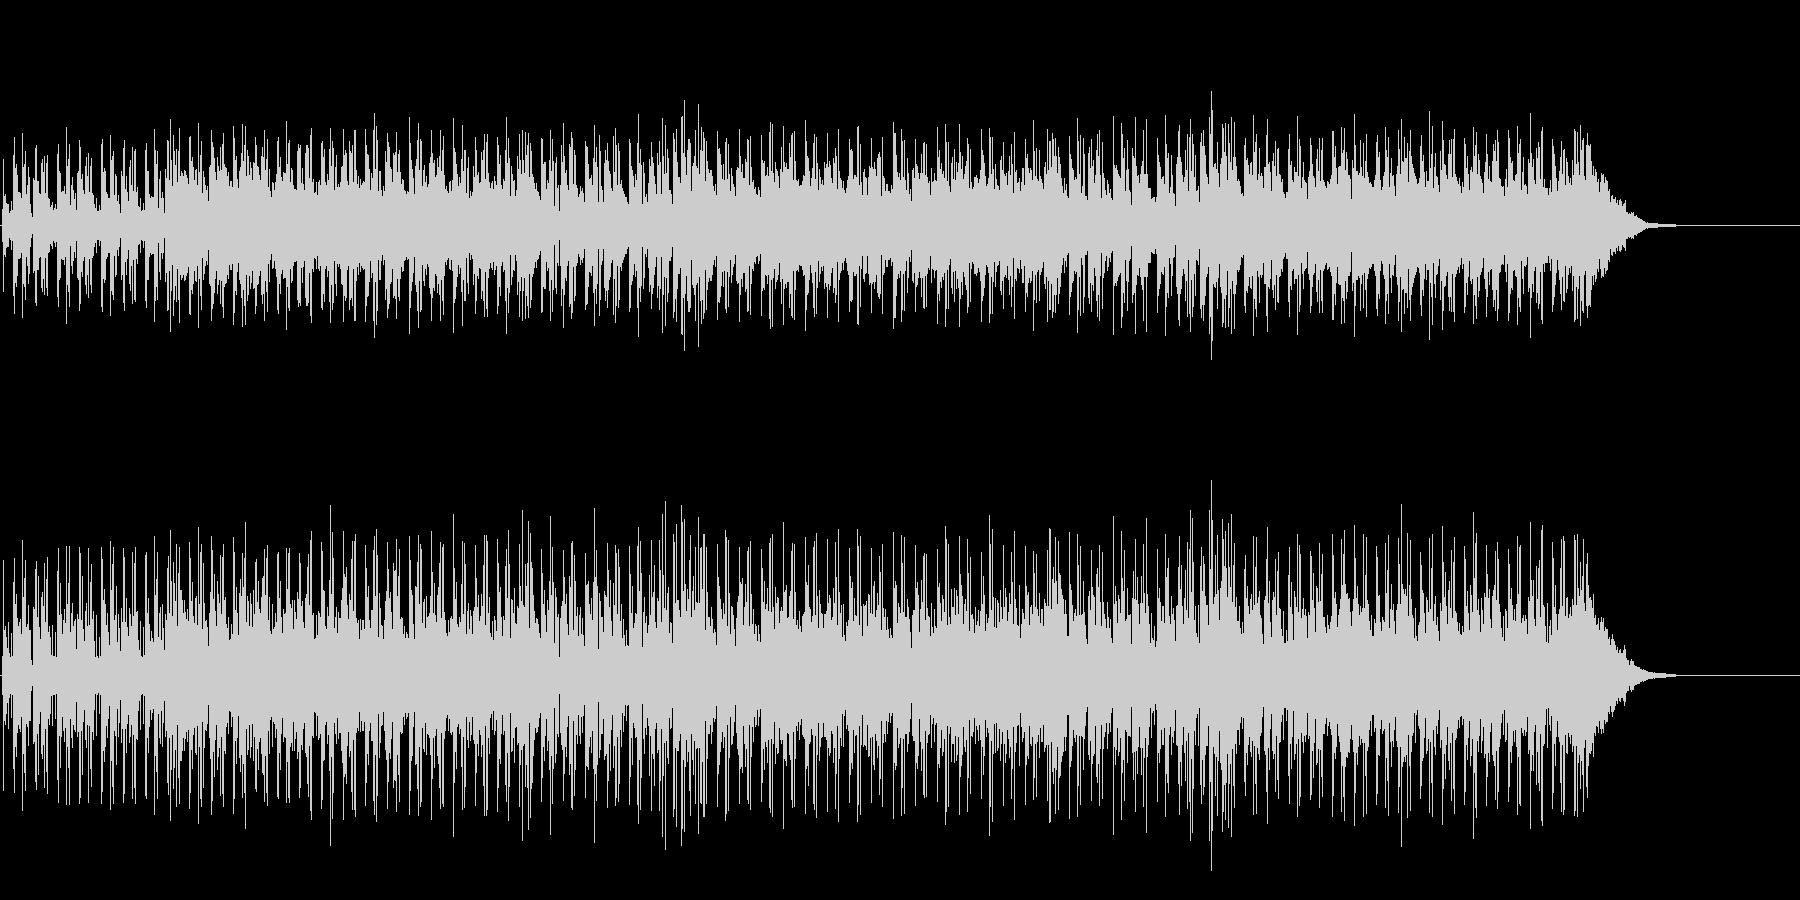 ノスタルジックのシンセ・サウンドの未再生の波形